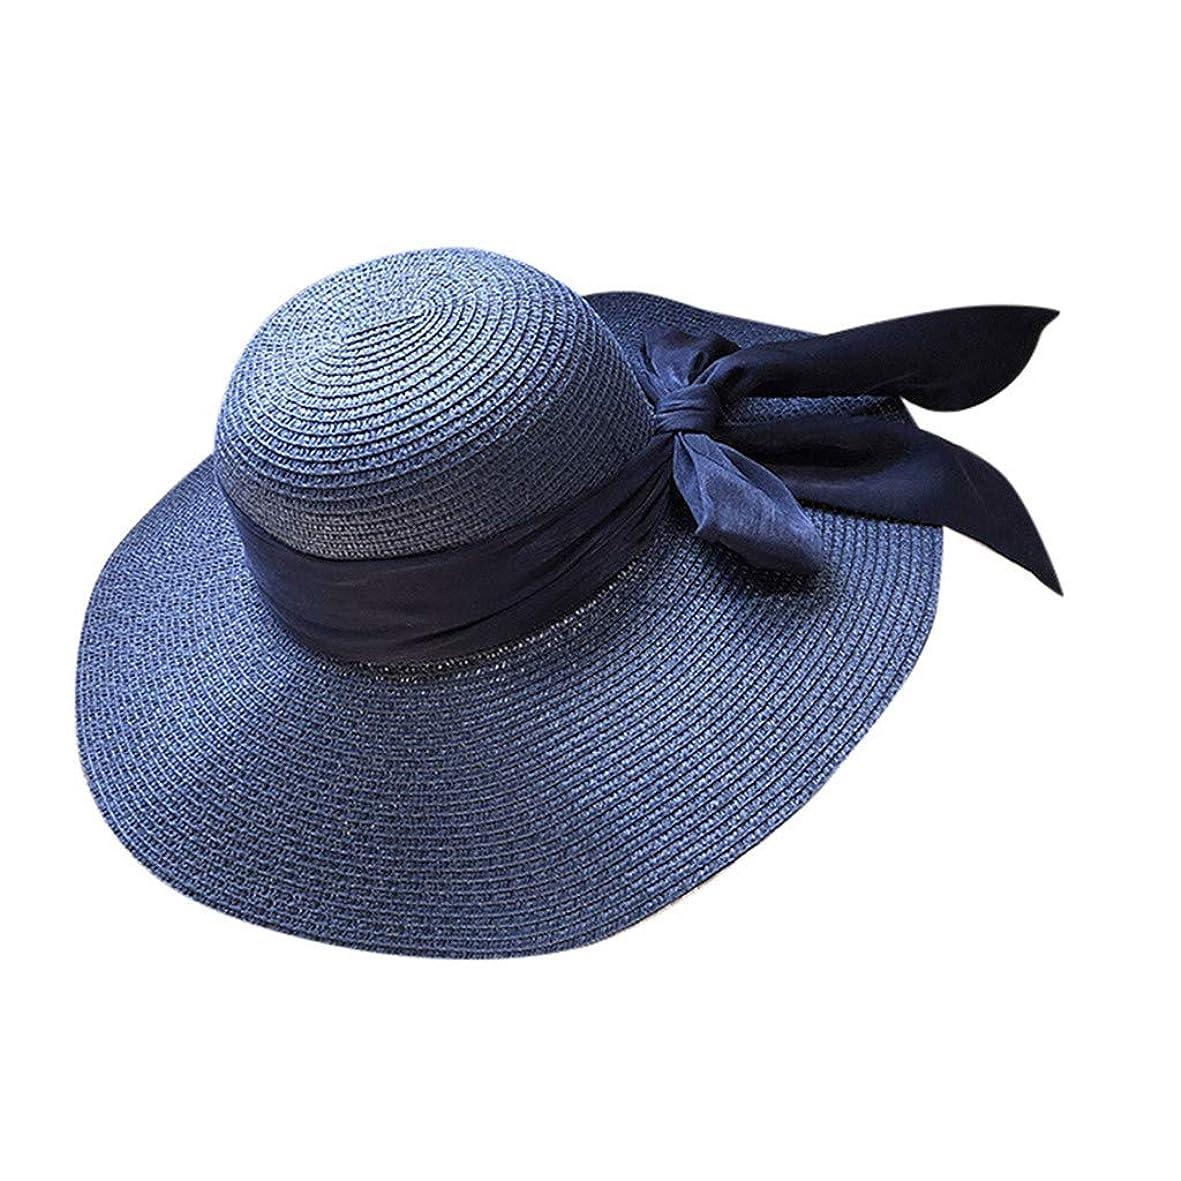 転用煙フィラデルフィア帽子 レディース UVカット 麦わら帽子 可愛い 小顔効果抜群 日よけ 折りたたみ つば広 帽子 サイズ調整 テープ ハット レディース 帽子 日よけ帽子 防晒帽 ビーチ 旅行用 日よけ 日射し 海 夏季 ROSE ROMAN